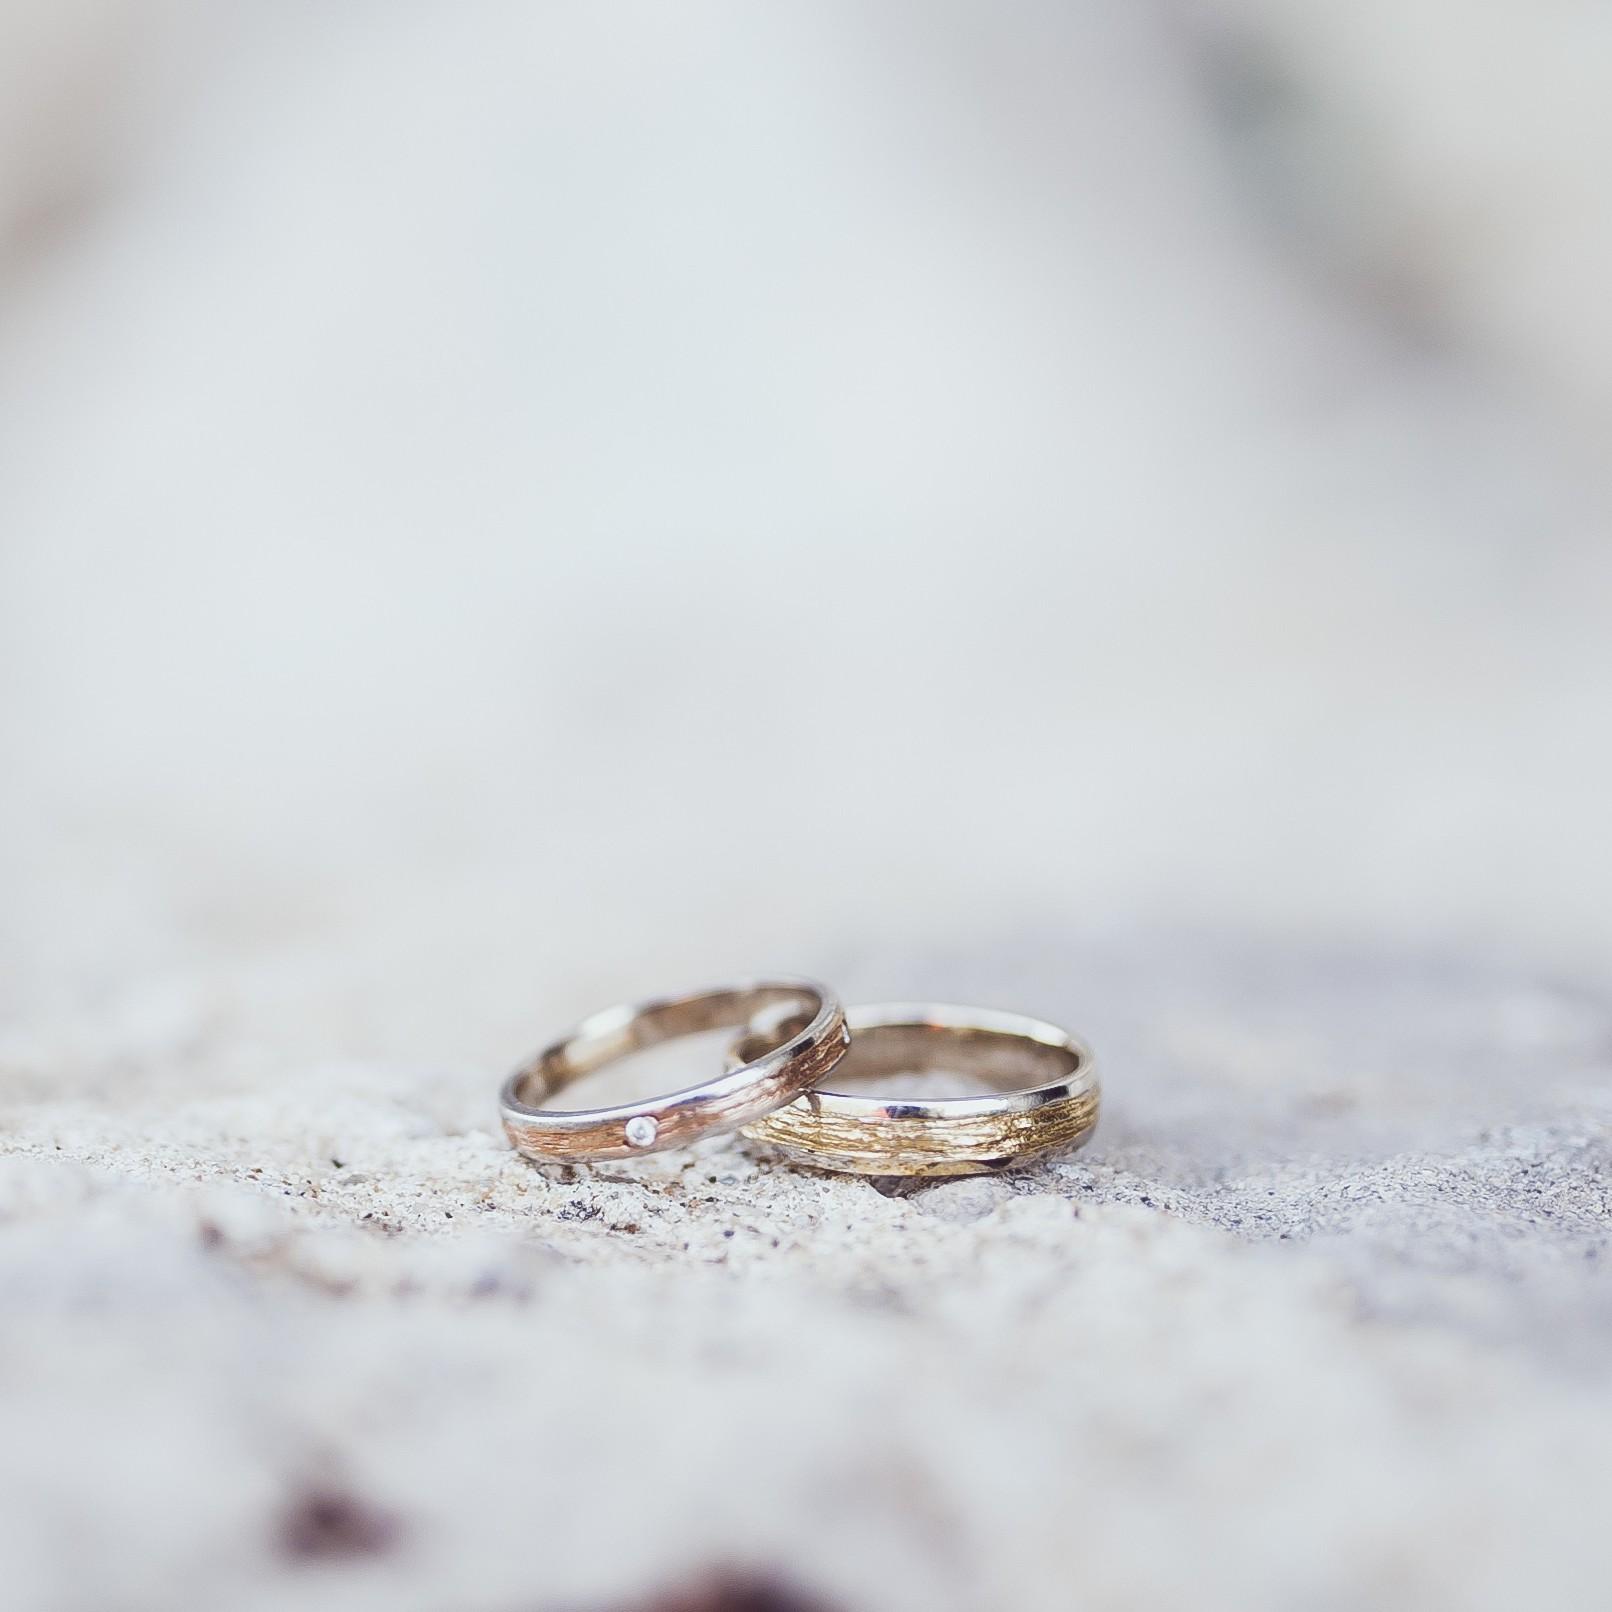 Huwelijk scheiding van goederen_square